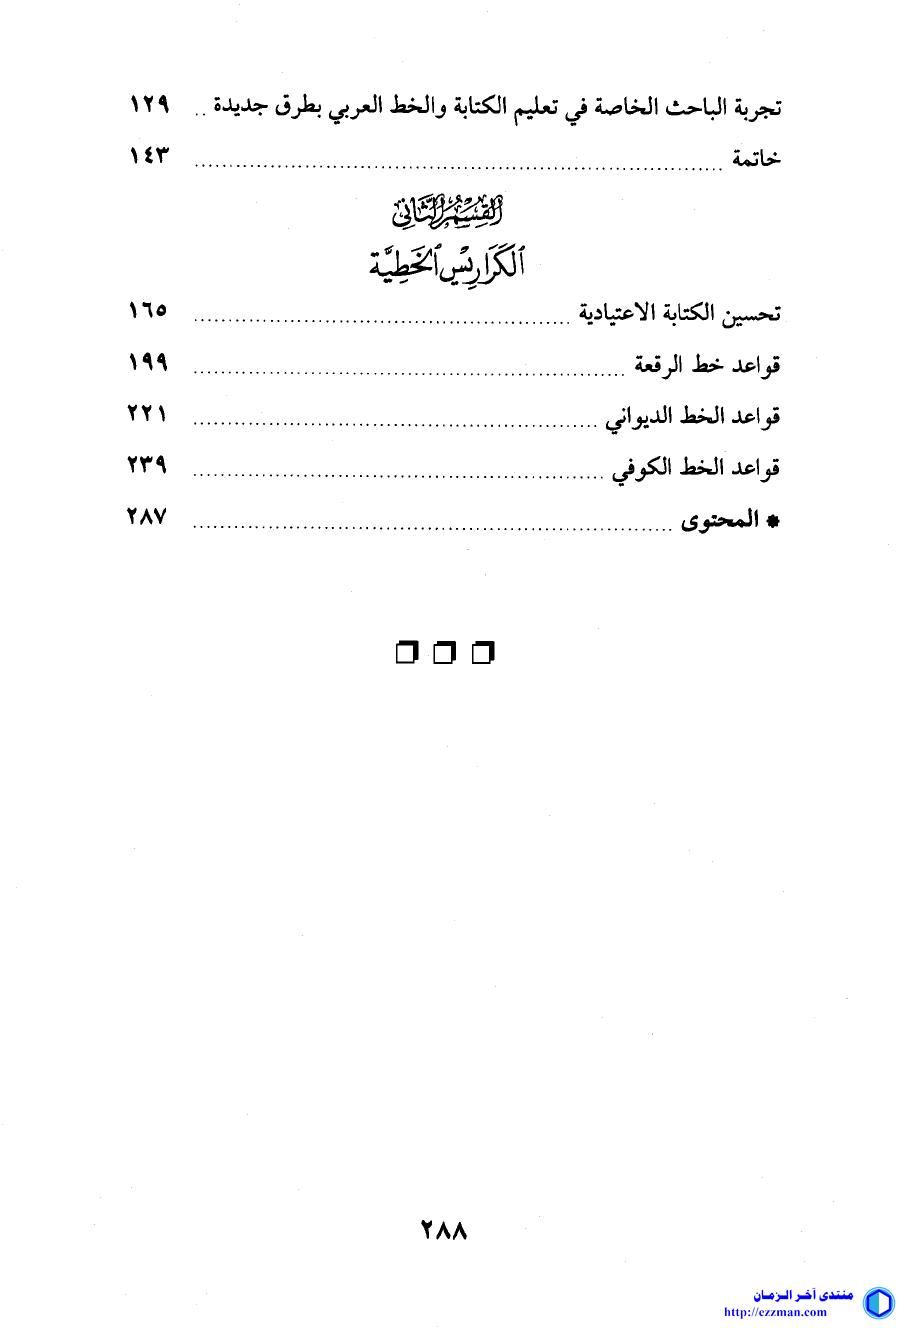 تعليم الخط العربي والكتابة تاريخا